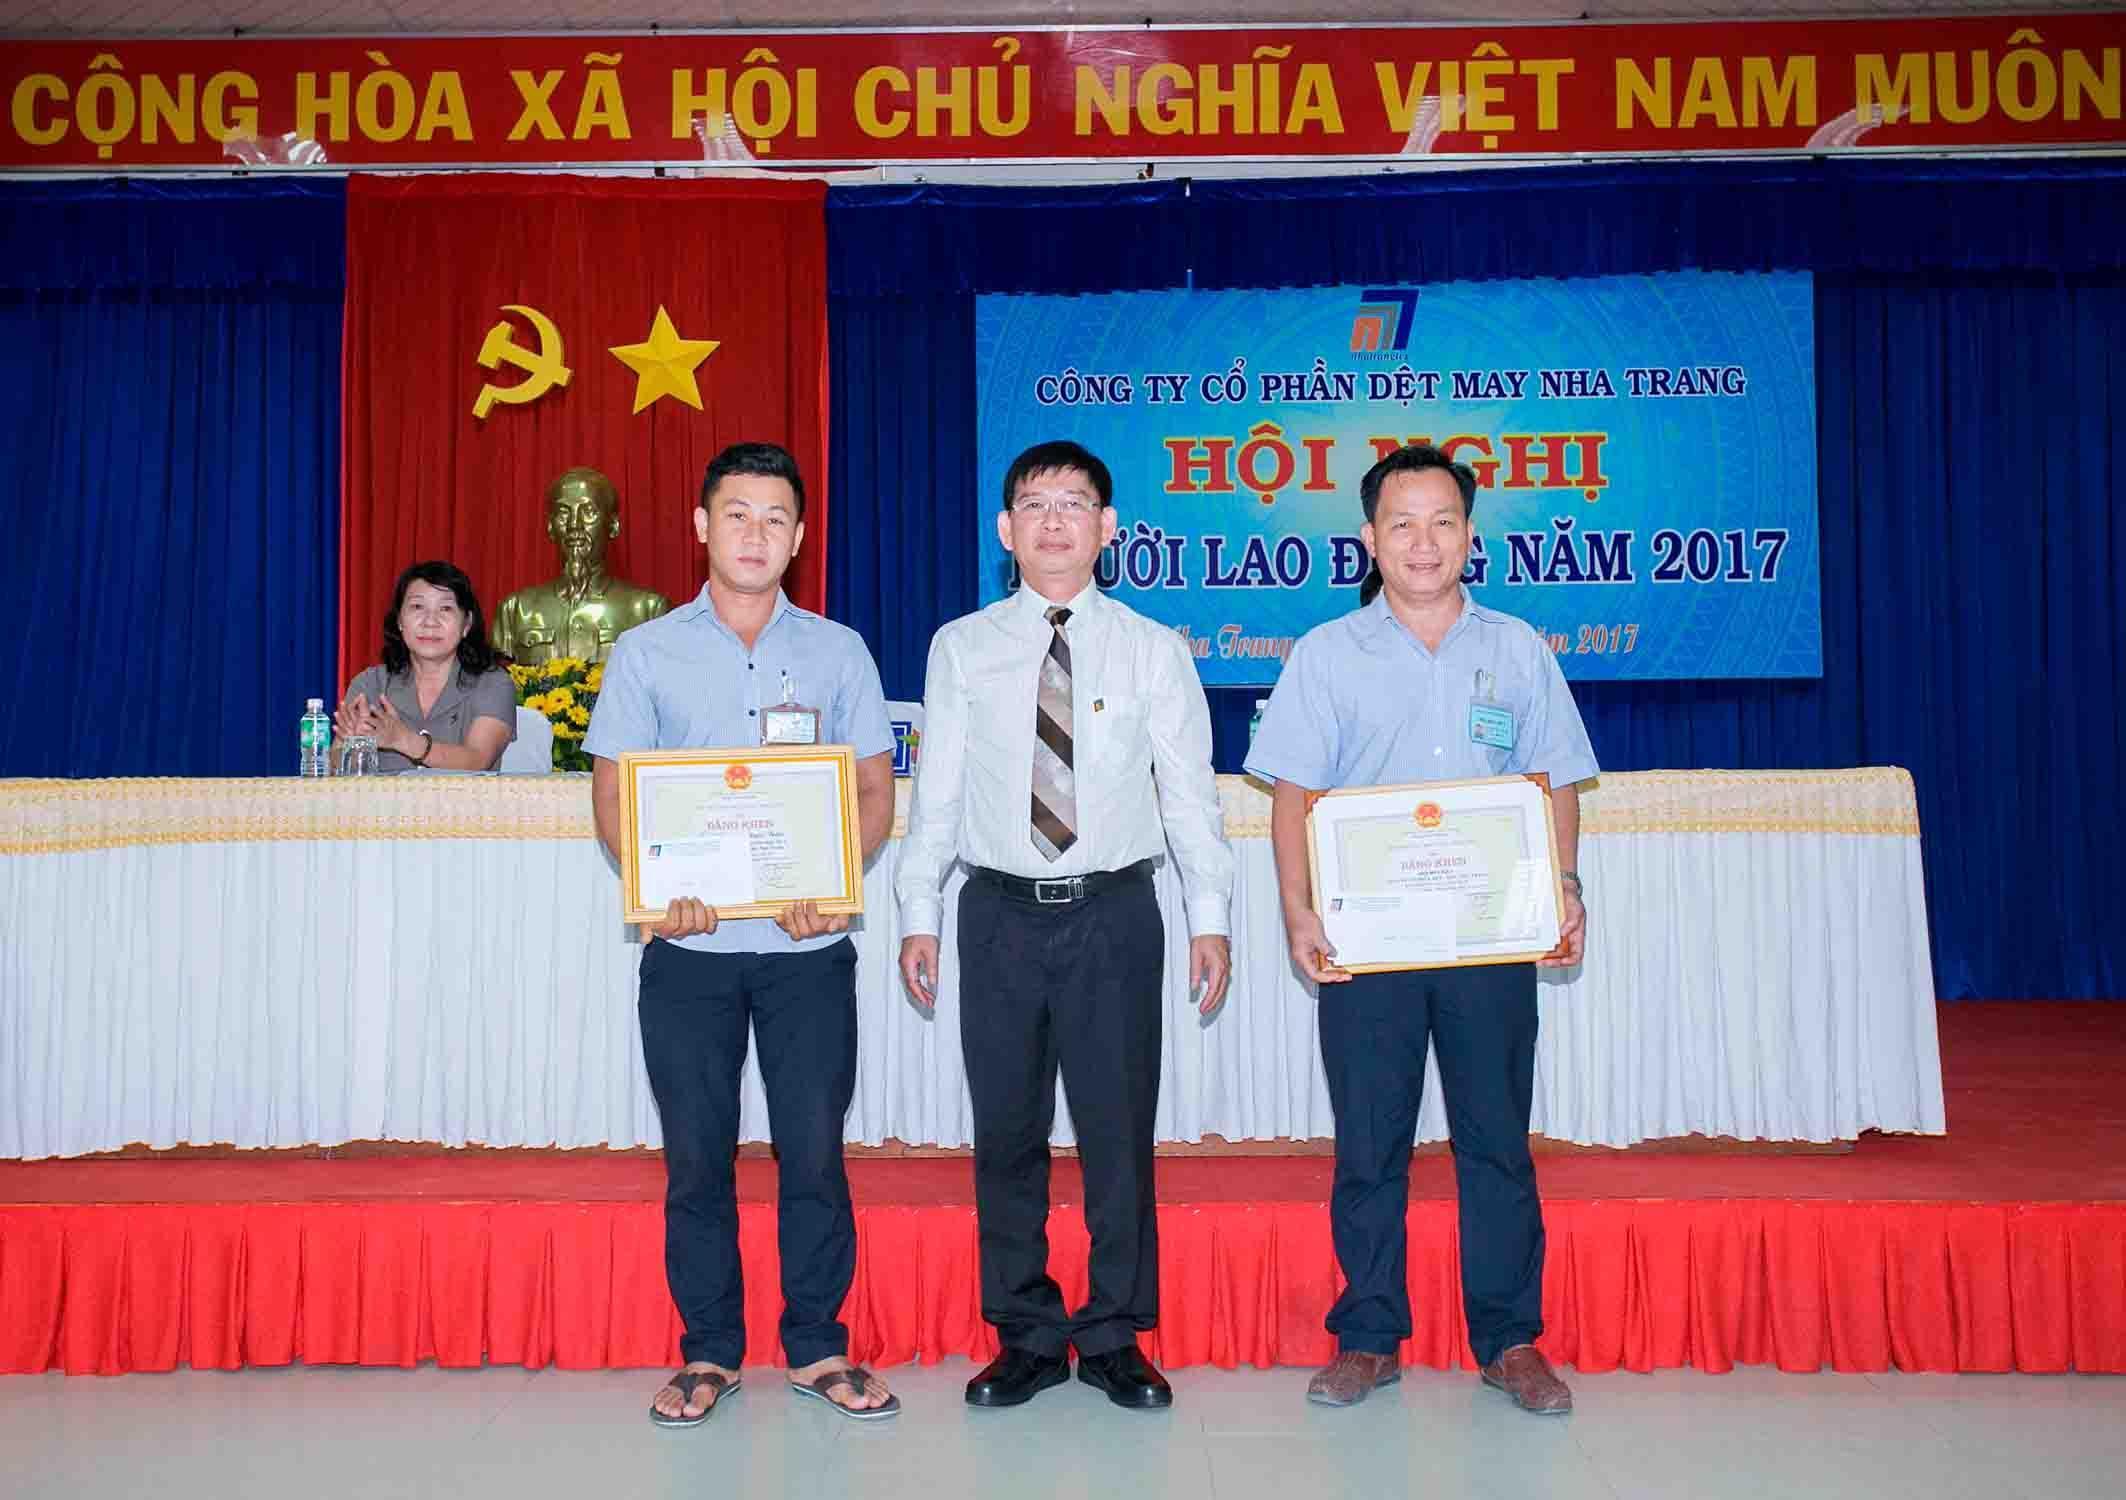 Công ty CP Dệt May Nha Trang vững mạnh bởi sự đồng lòng của tập thể